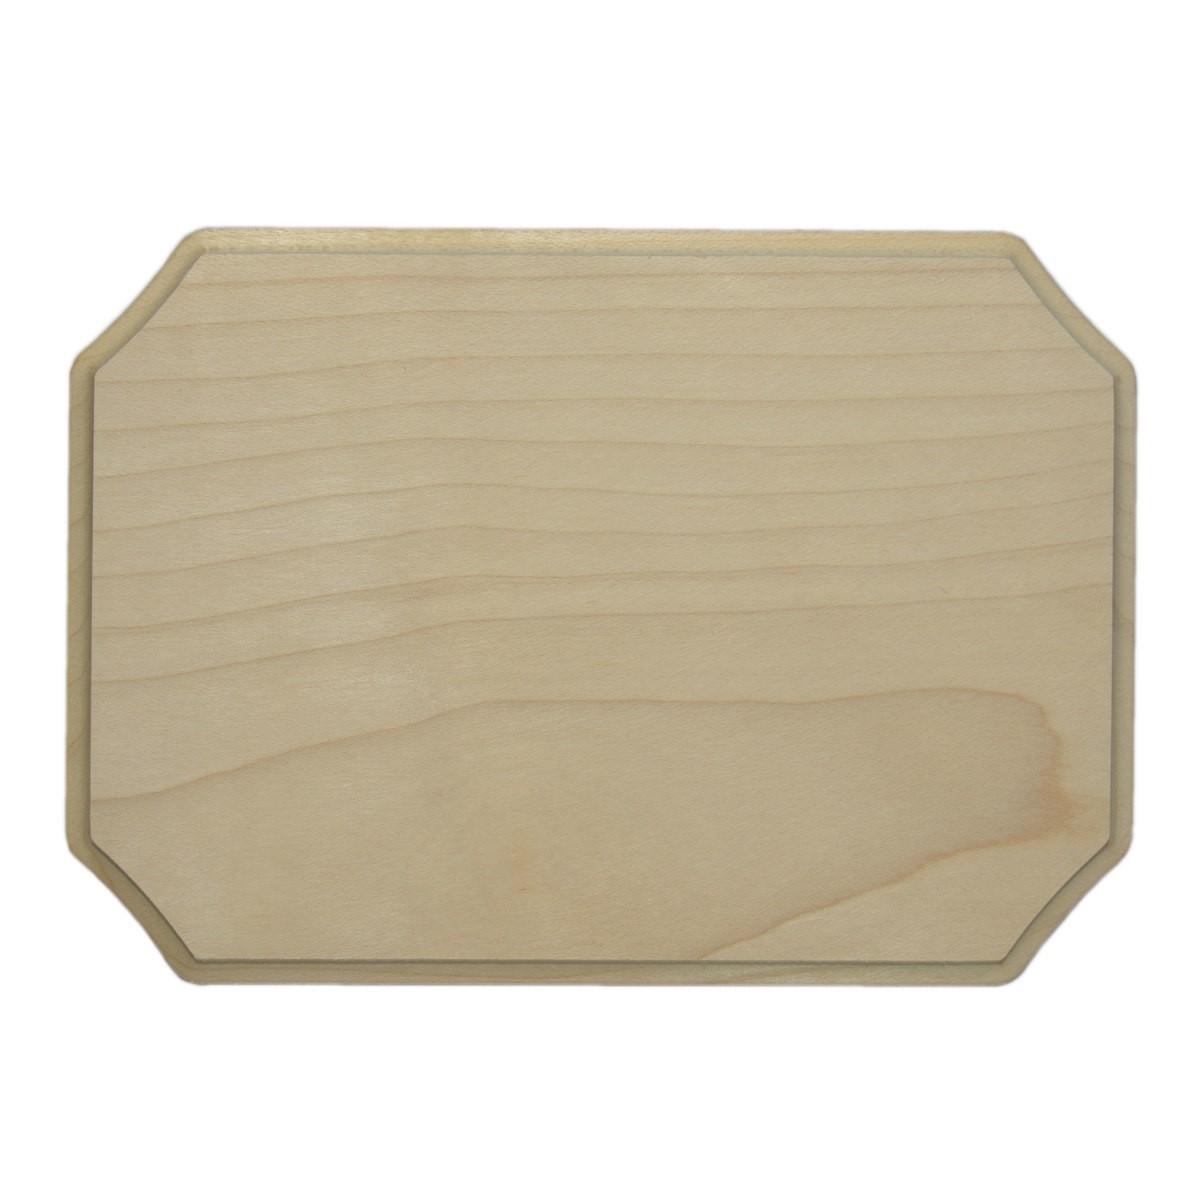 Holzschild Turschild Holz 15cm Blanko Zum Individuellen